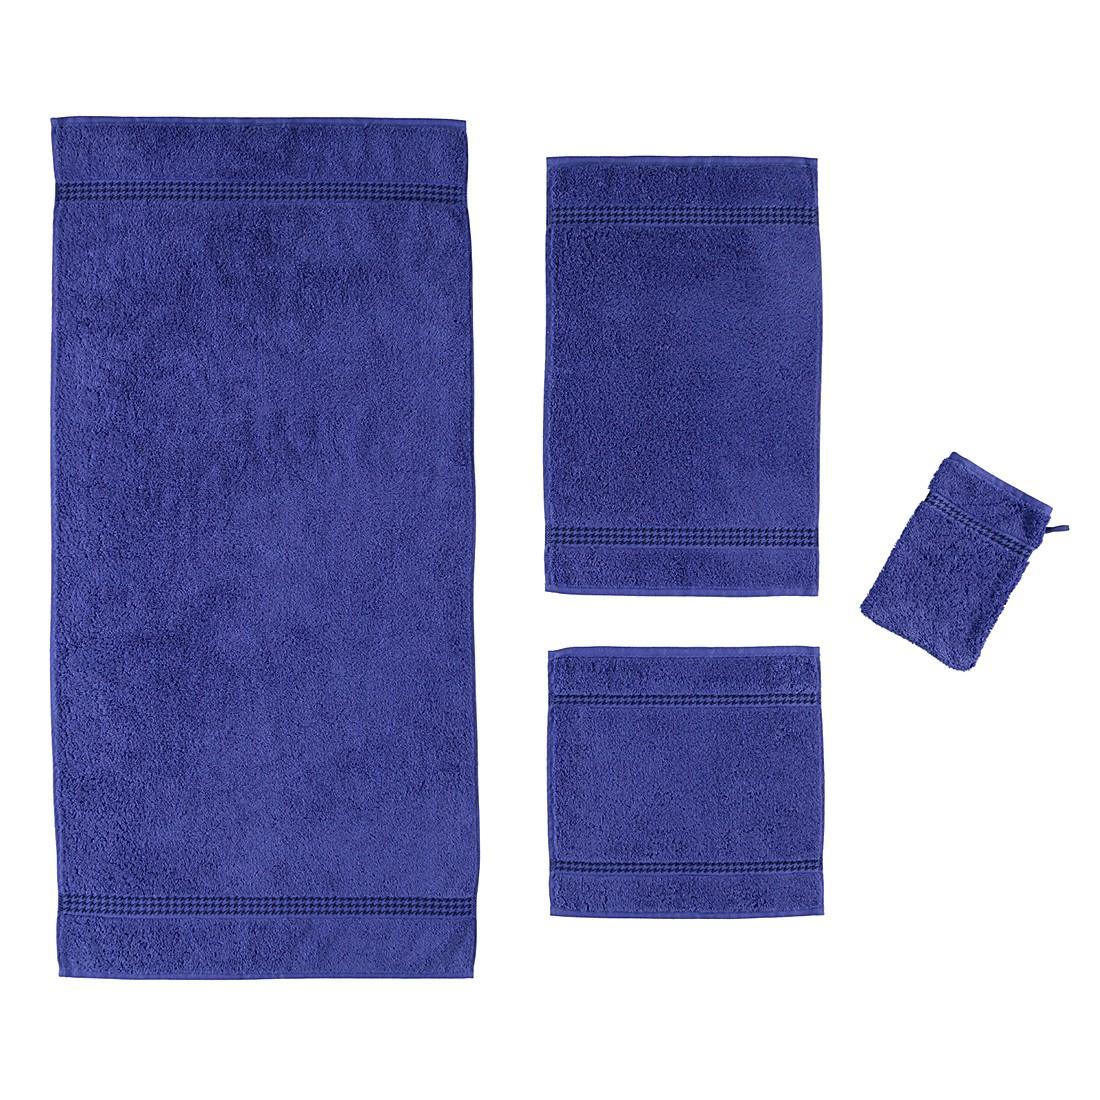 Handtücher Selection Uni 4010 – Baumwolle – Saphir – Seiflappen 30×30 cm, Cawö jetzt kaufen